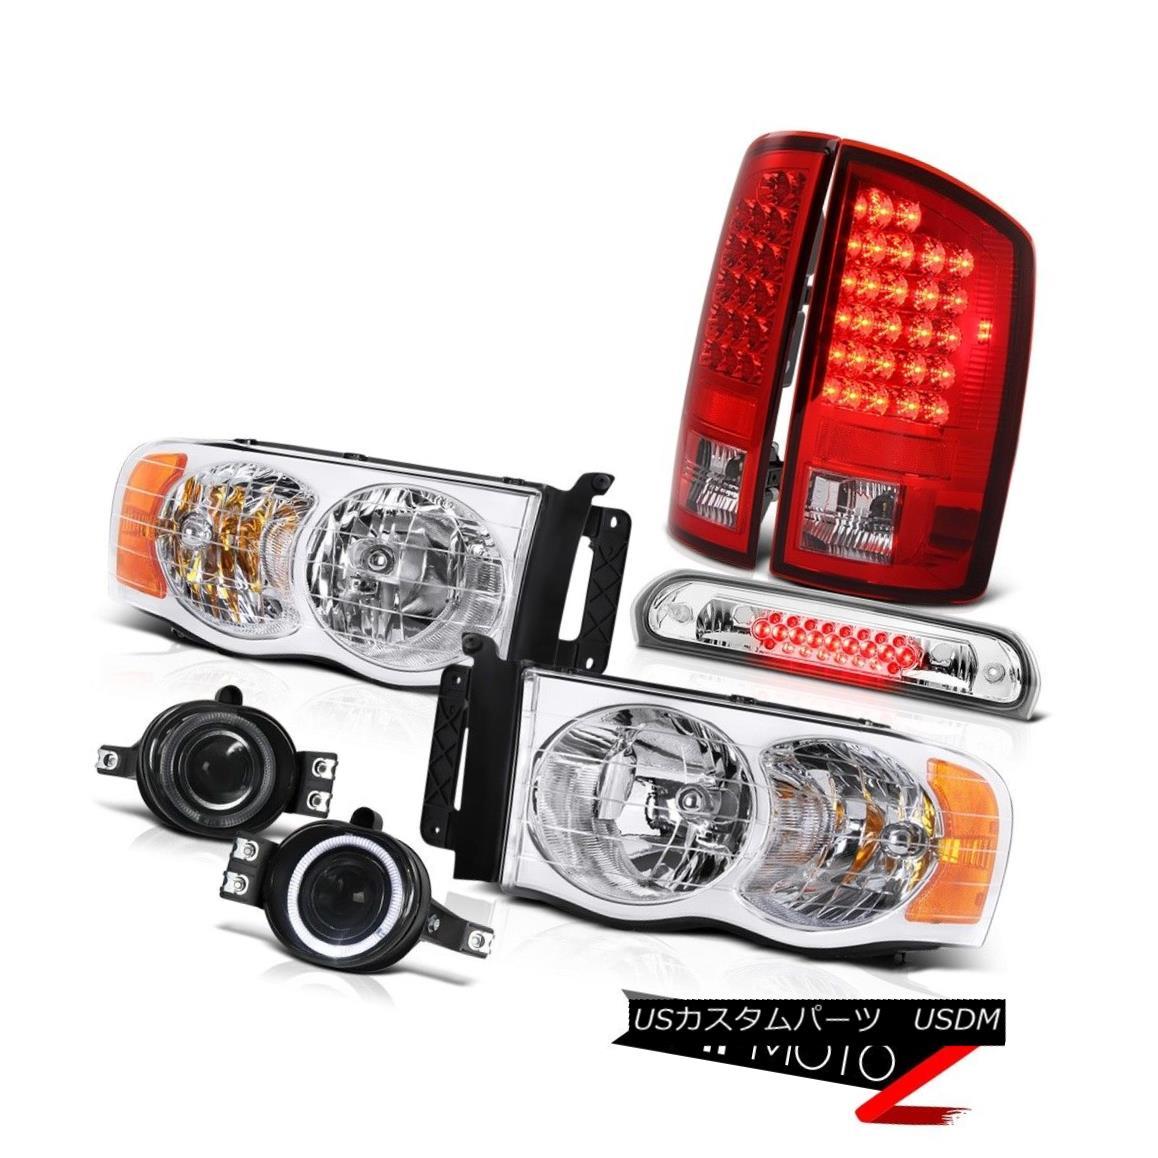 ヘッドライト 02-05 Ram Hemi Crystal Clear Headlights LED Tail Lights Red Bumper Fog Roof Stop 02-05 Ram HemiクリスタルクリアヘッドライトLEDテールライトレッドバンパーフォグ屋根停止